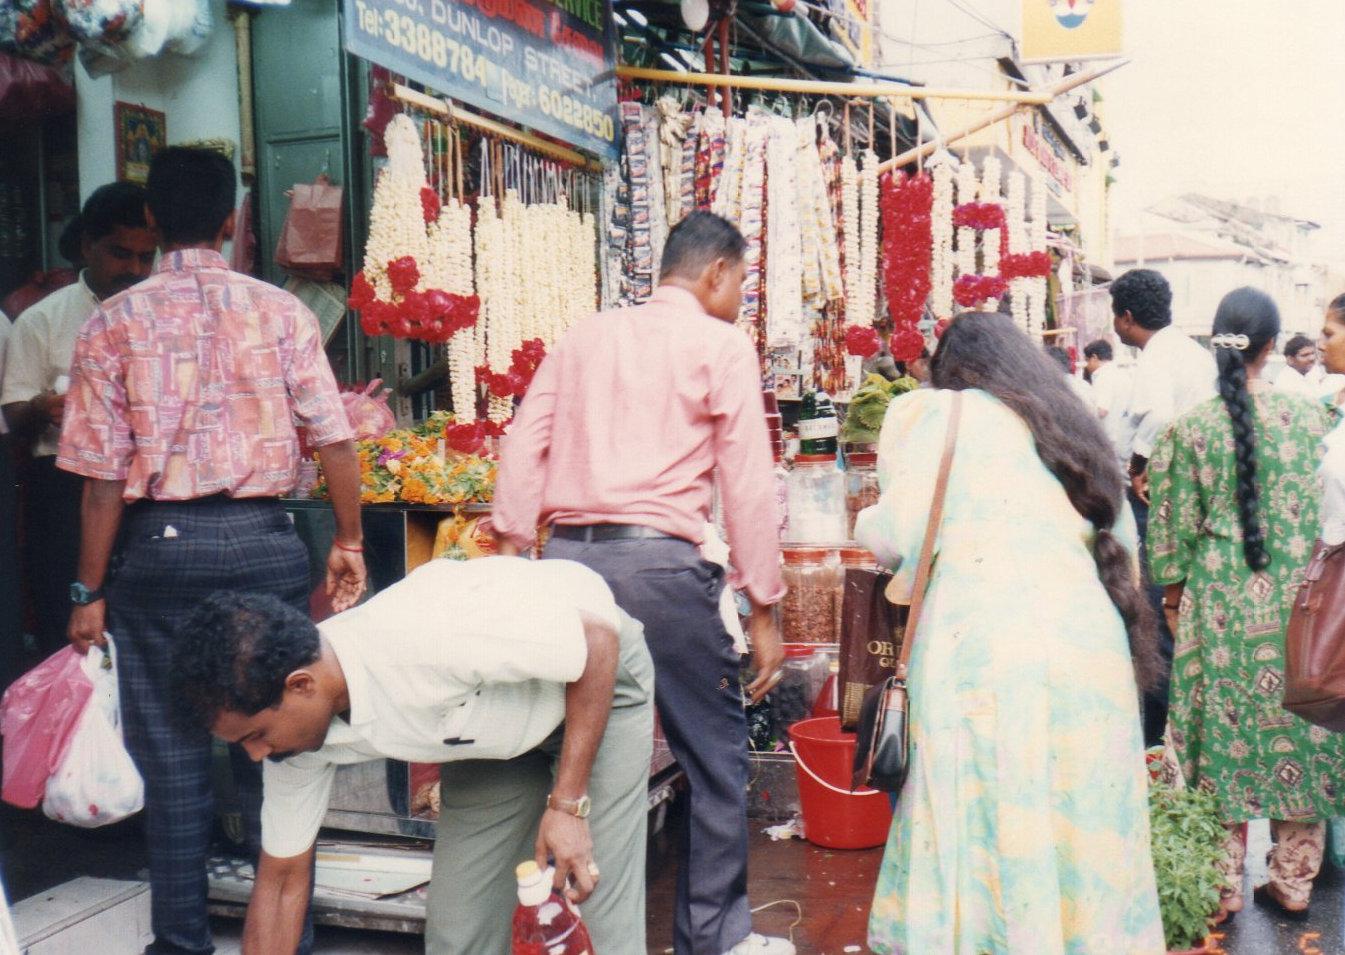 シンガポール1994年5月5日リトルインデアン スリ ヴィラマカリ・アマン寺院③193-1